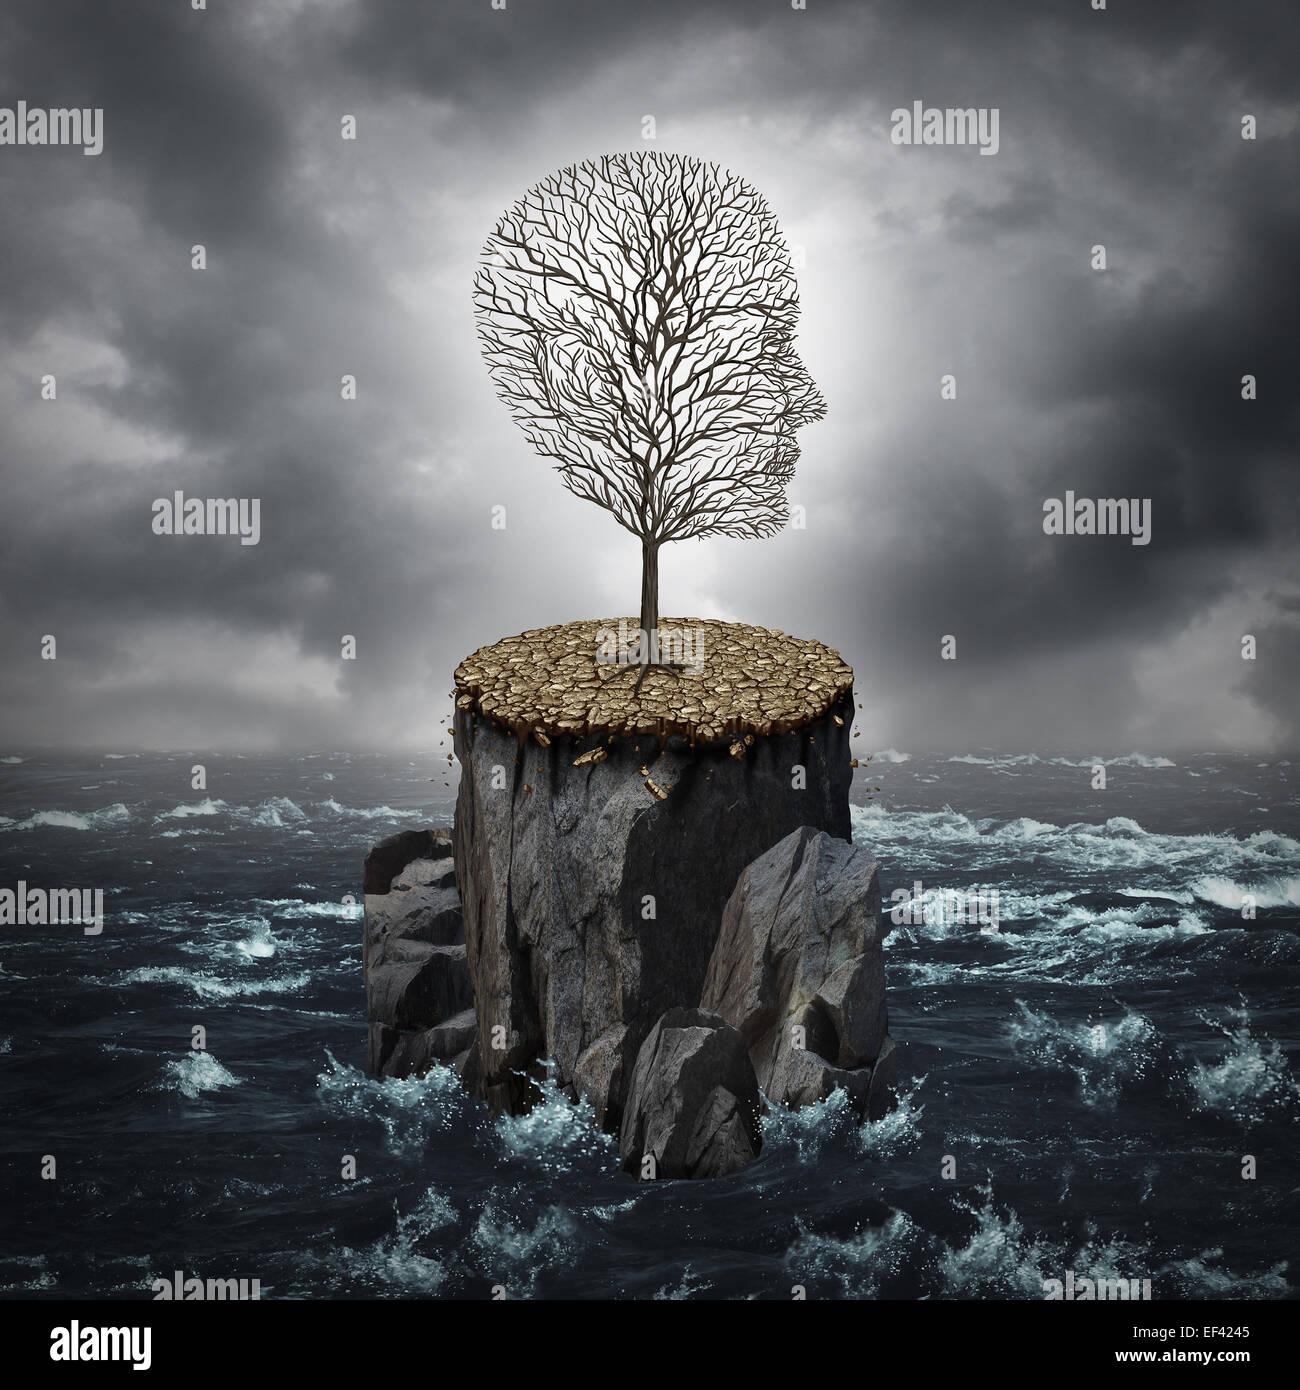 Krisenkonzept scheitern und verlorene Geschäft Beruf oder Ausbildung Gelegenheit Metapher als sterbenden Baum Stockbild